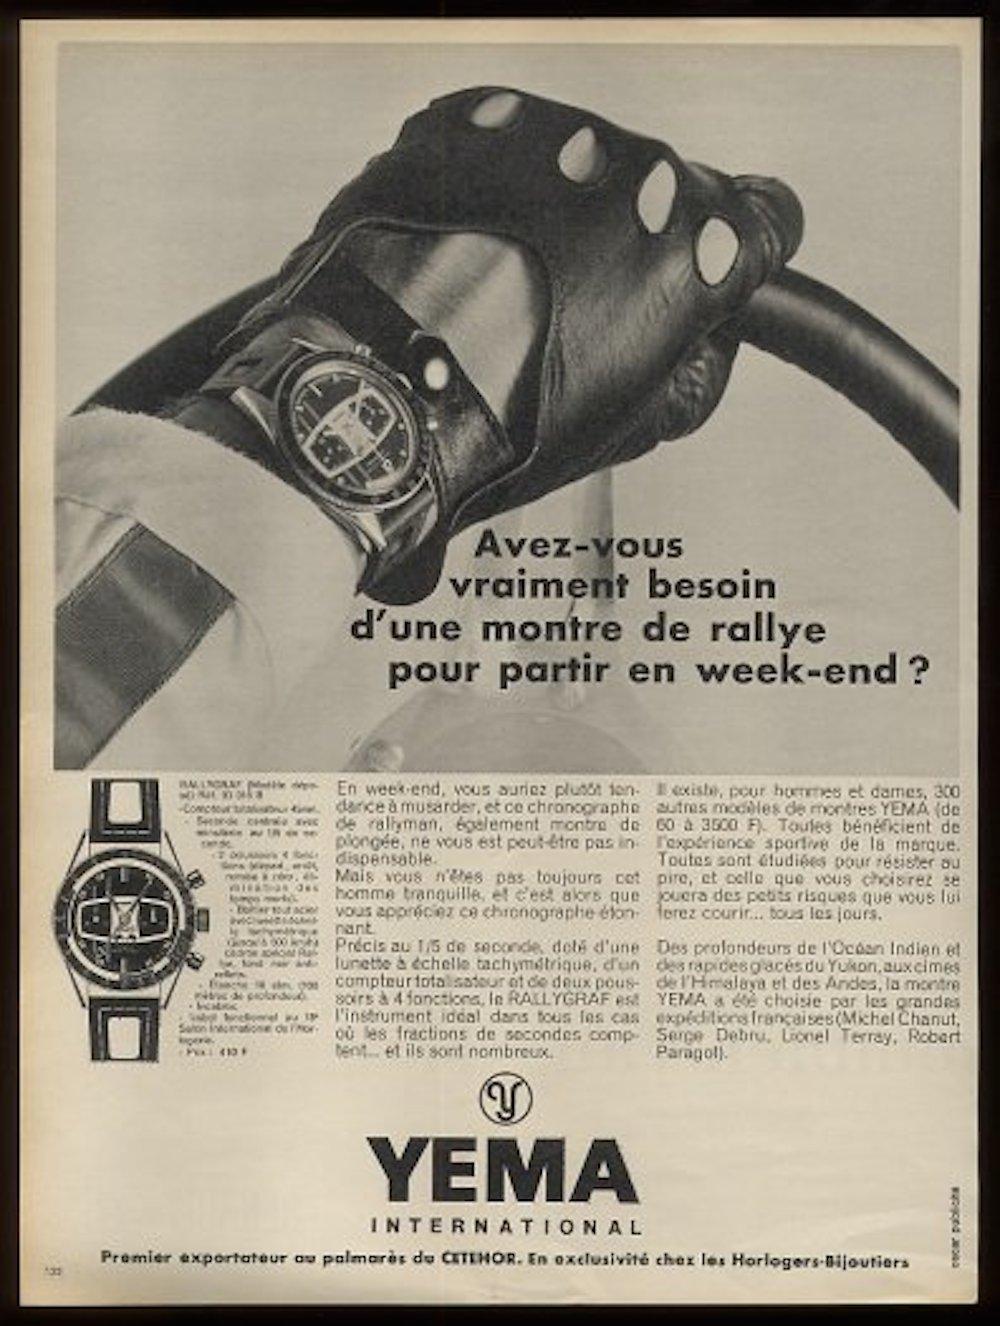 An original Yema Rallye ad (photo credit: https://sites.google.com/site/yemaniasemaines/)